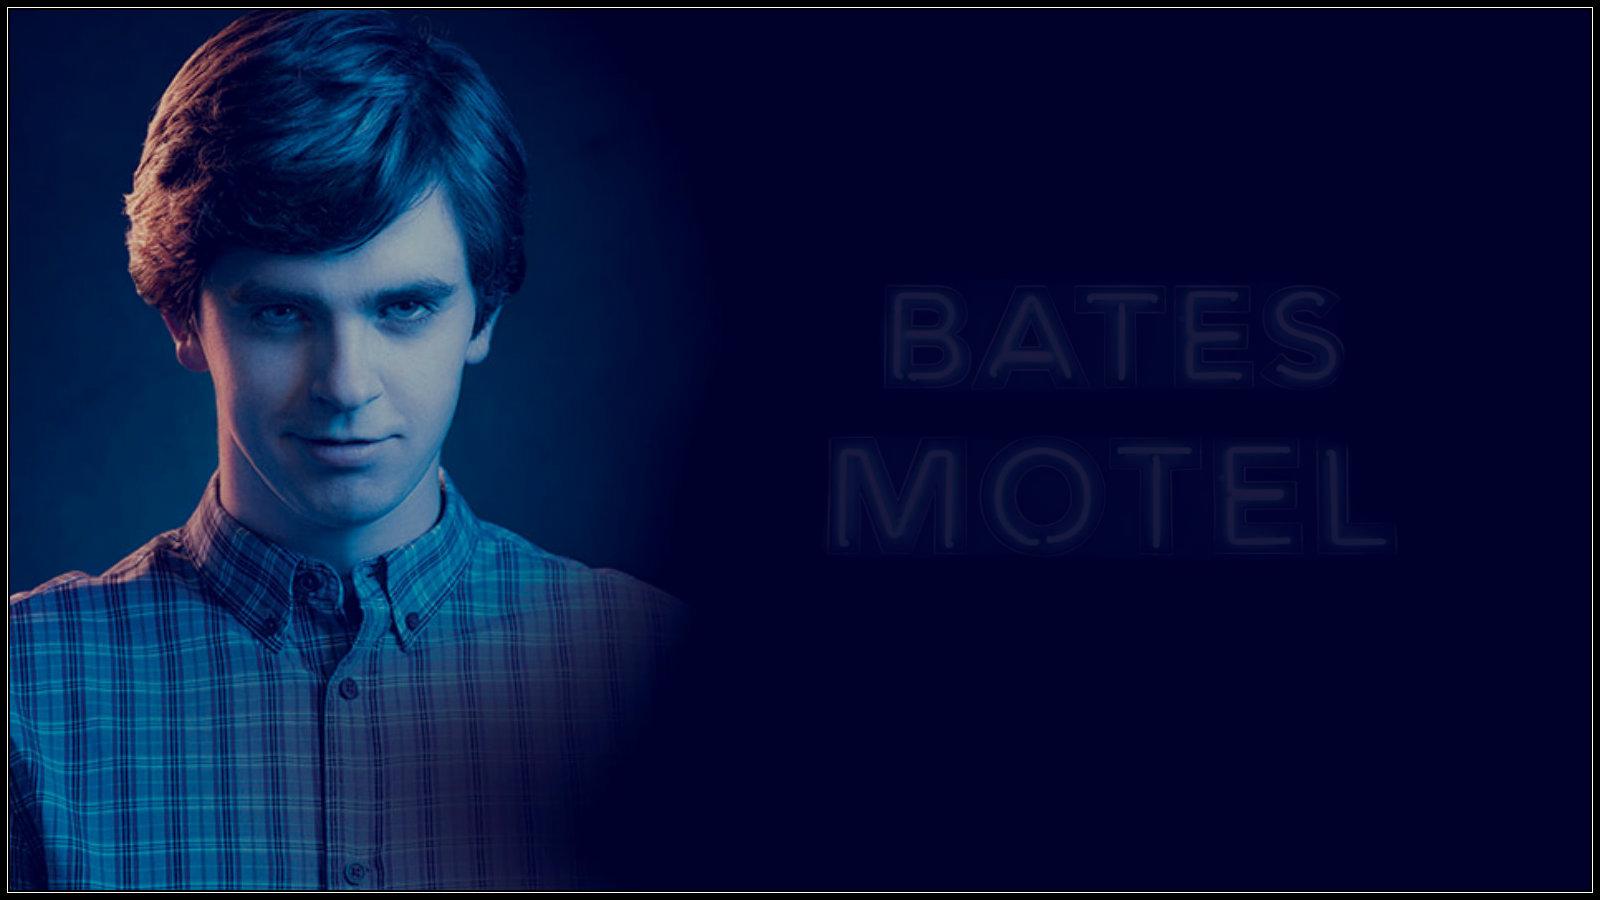 Séries Télé US - Page 2 Bates-Motel-image-bates-motel-36540900-1600-900